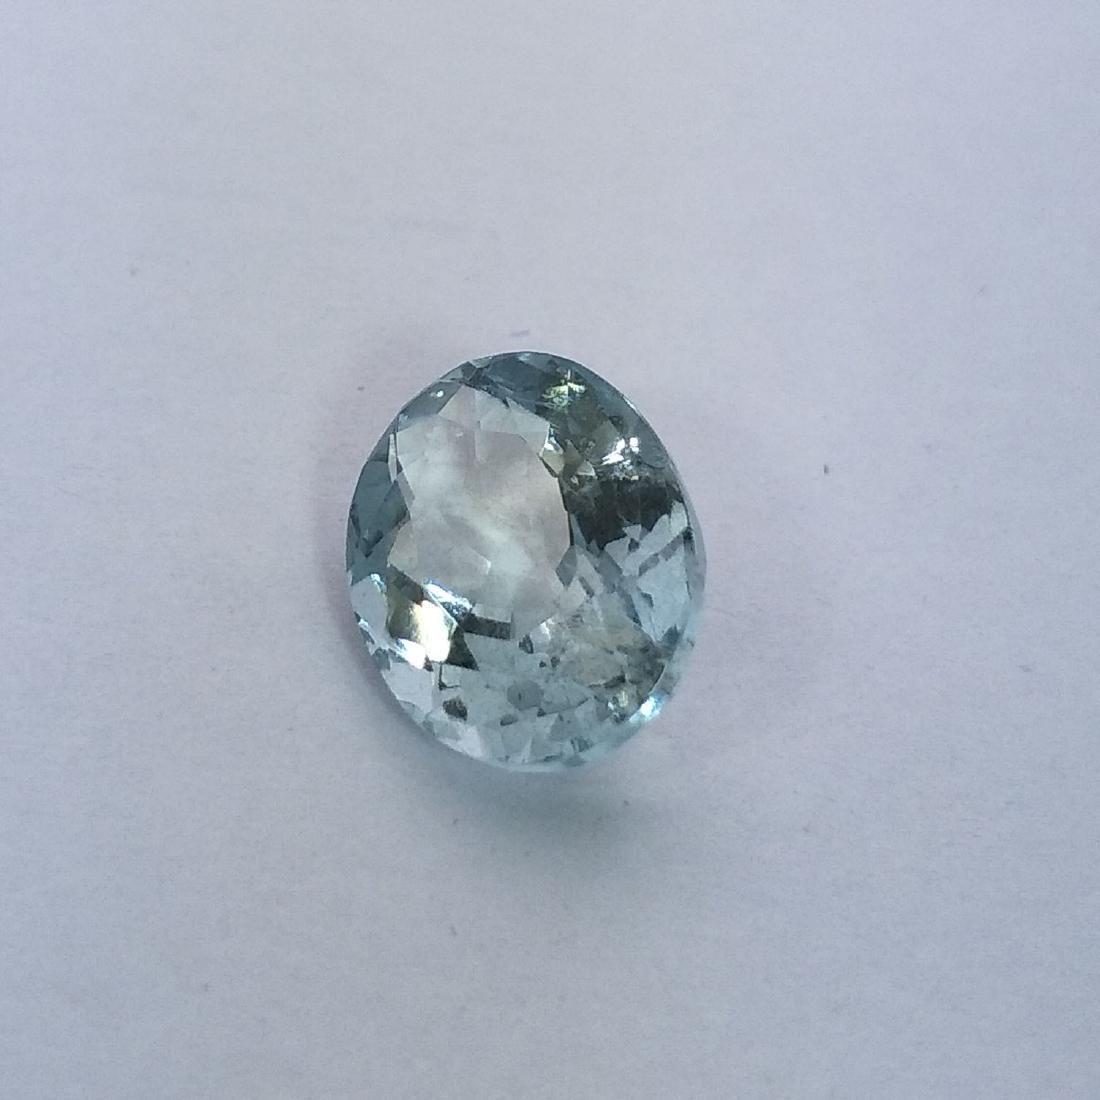 Aquamarine - 4.66 ct - 3